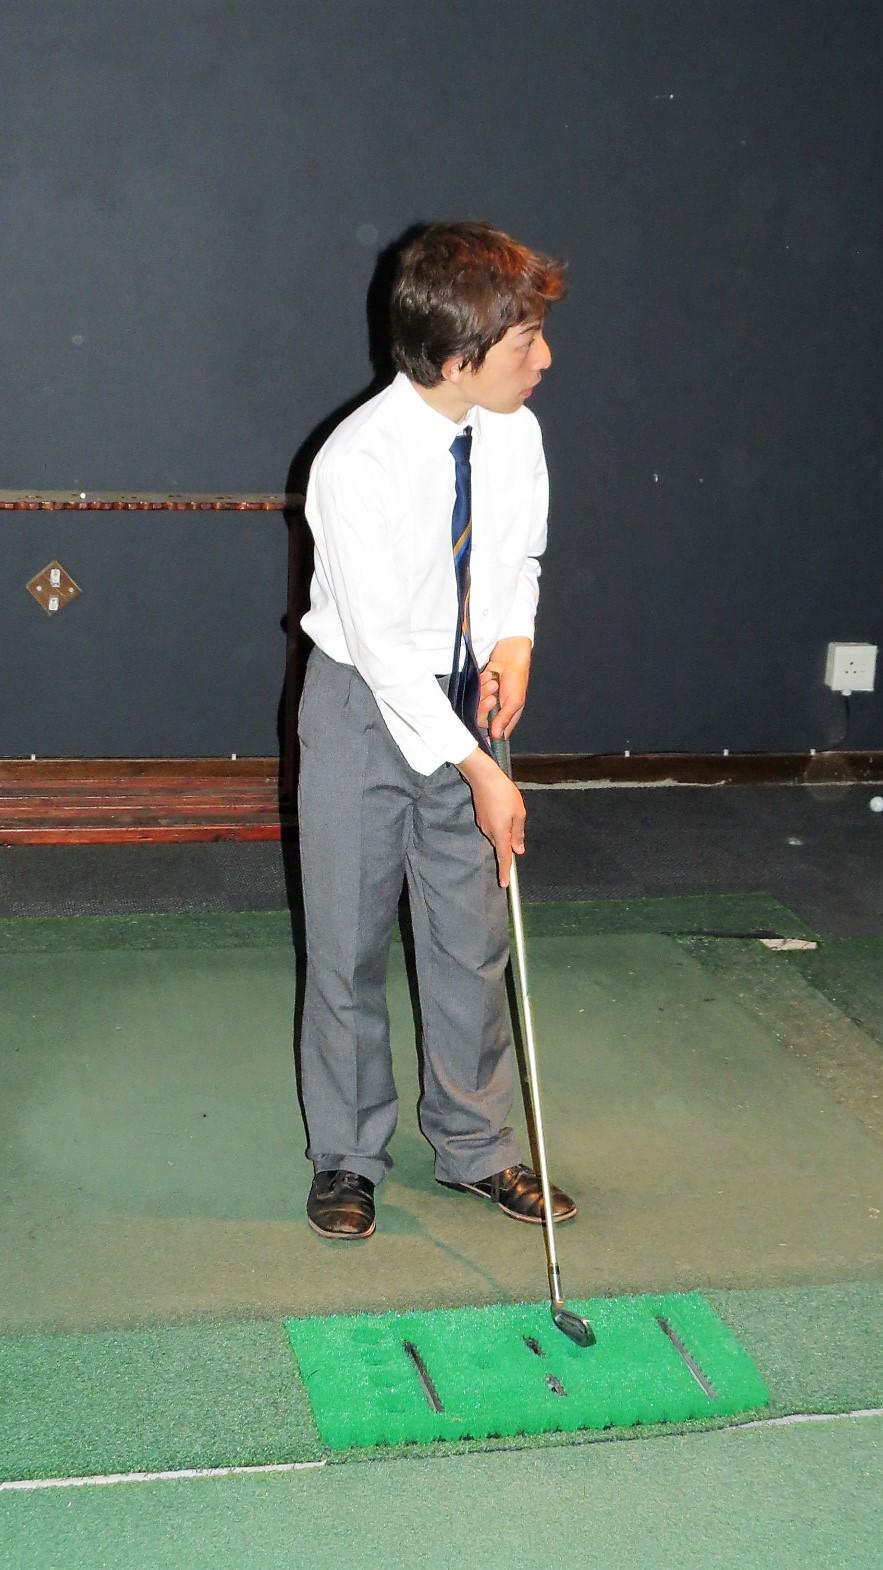 golfday 2